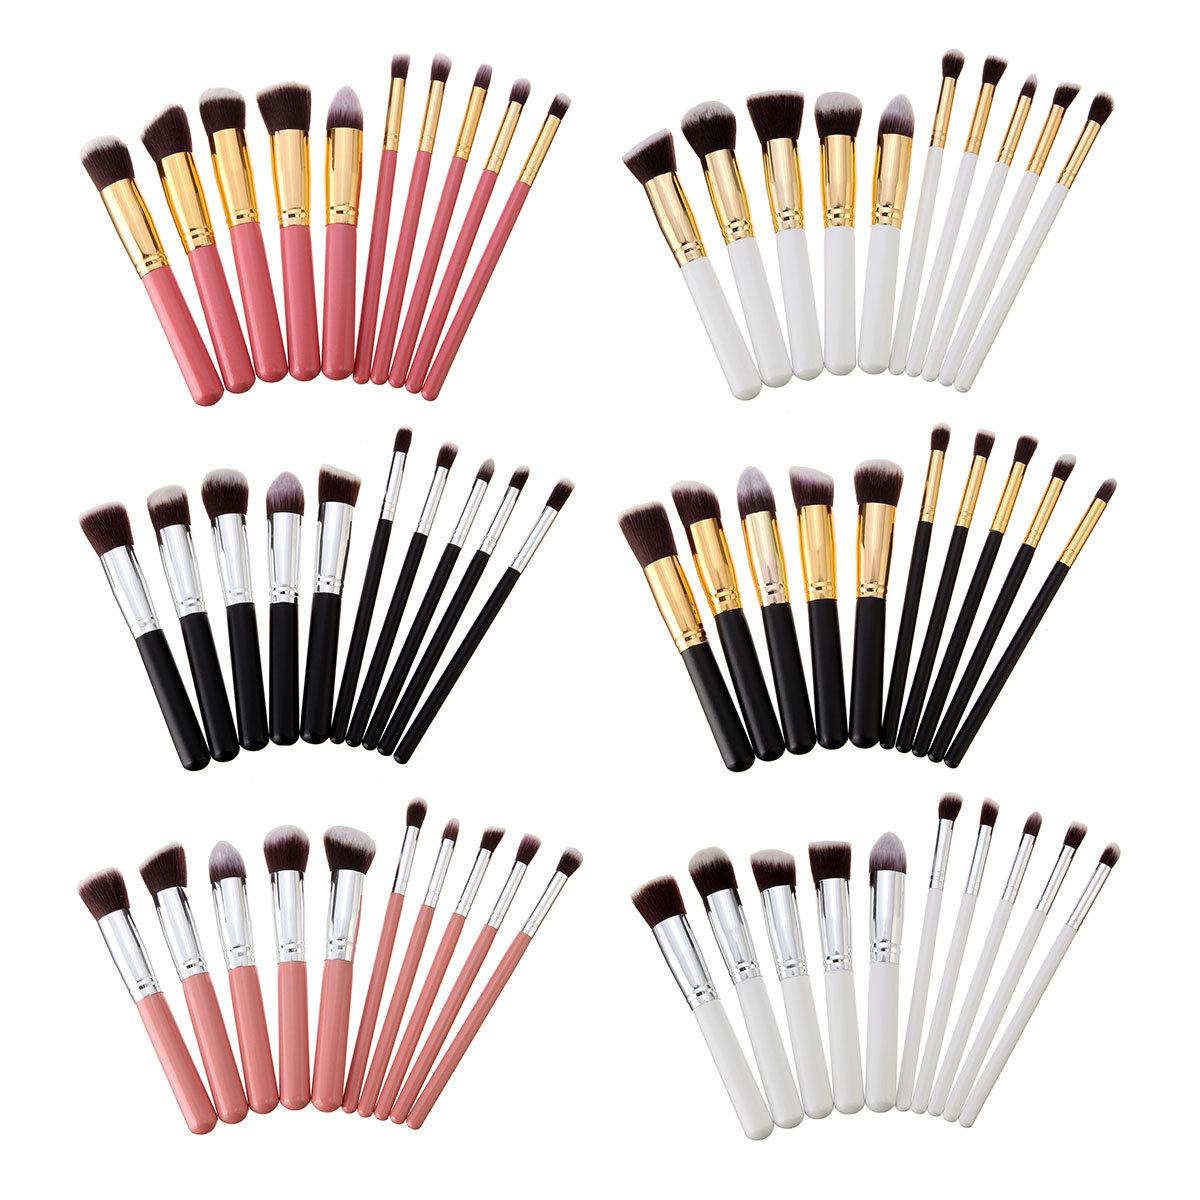 10個の化粧ブラシセットフェイスパウダーブラッシュコンターファンデーション化粧ブラシ